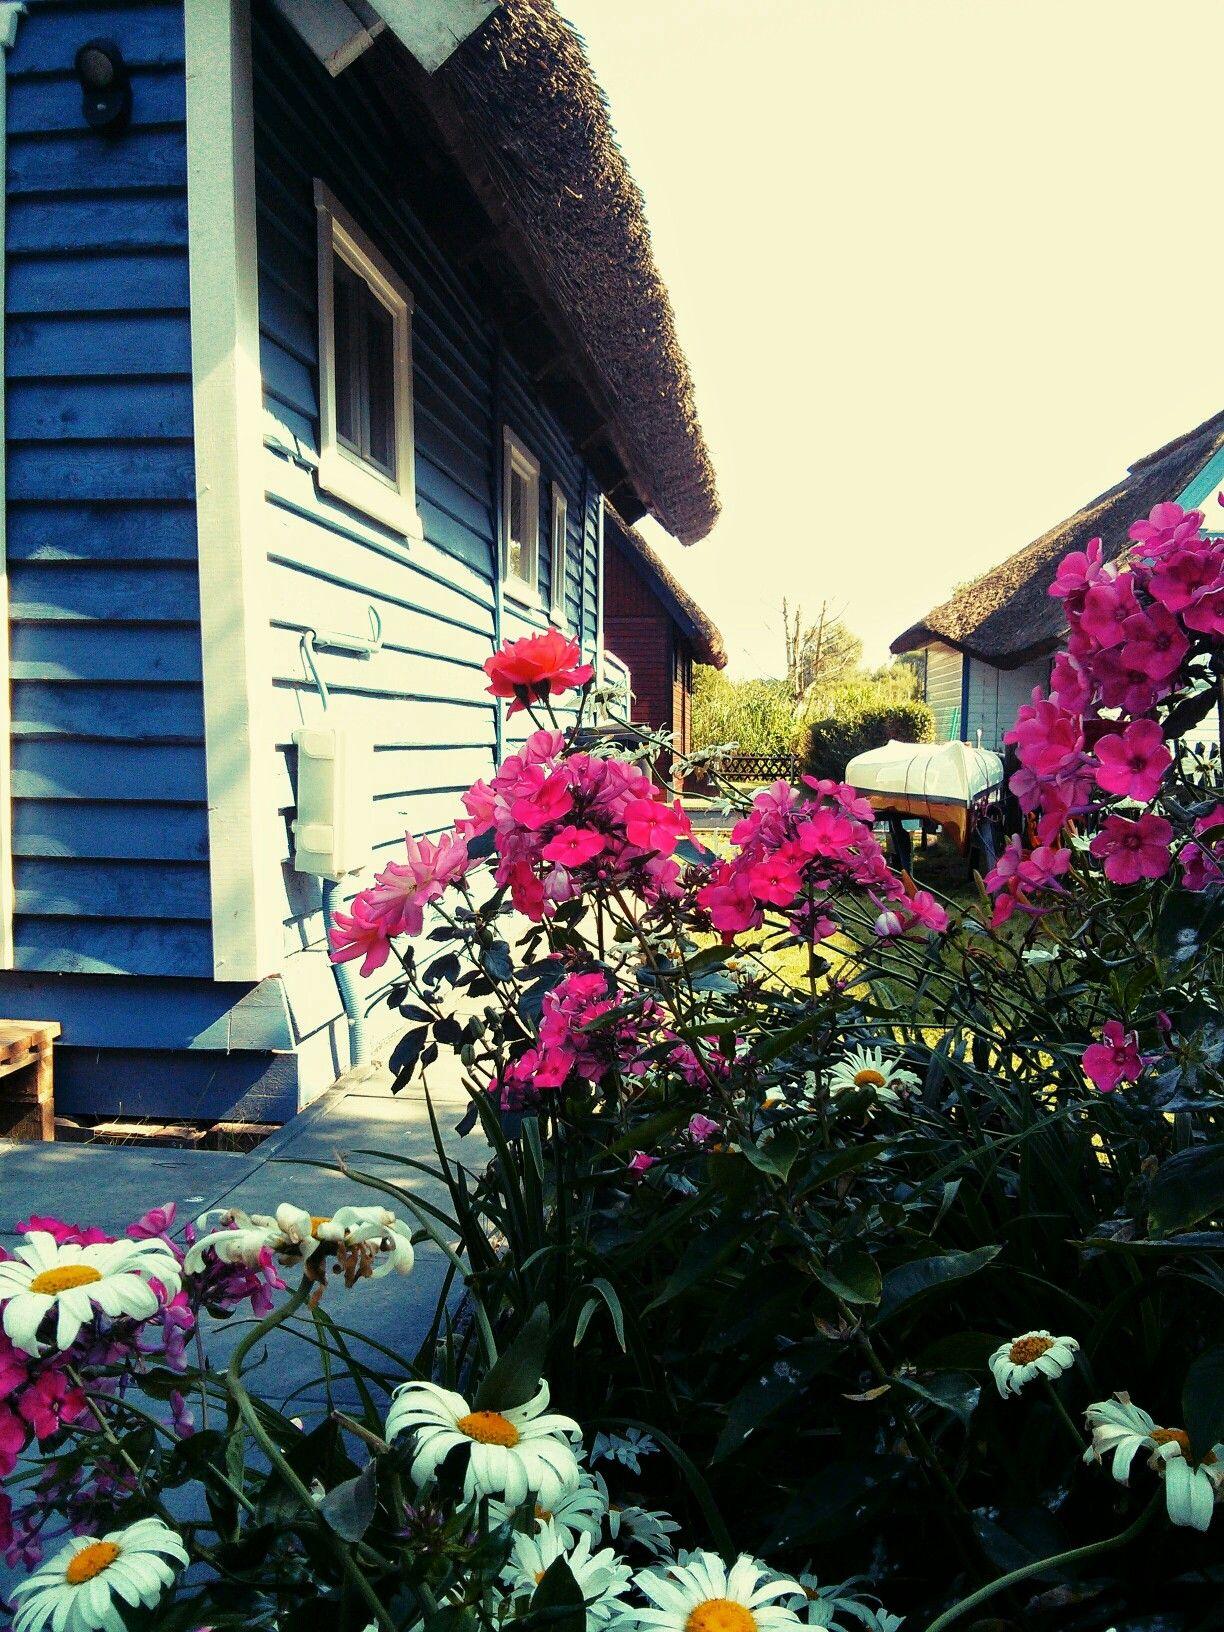 Blaues Bootshaus in Teterow Ferien am Wasser